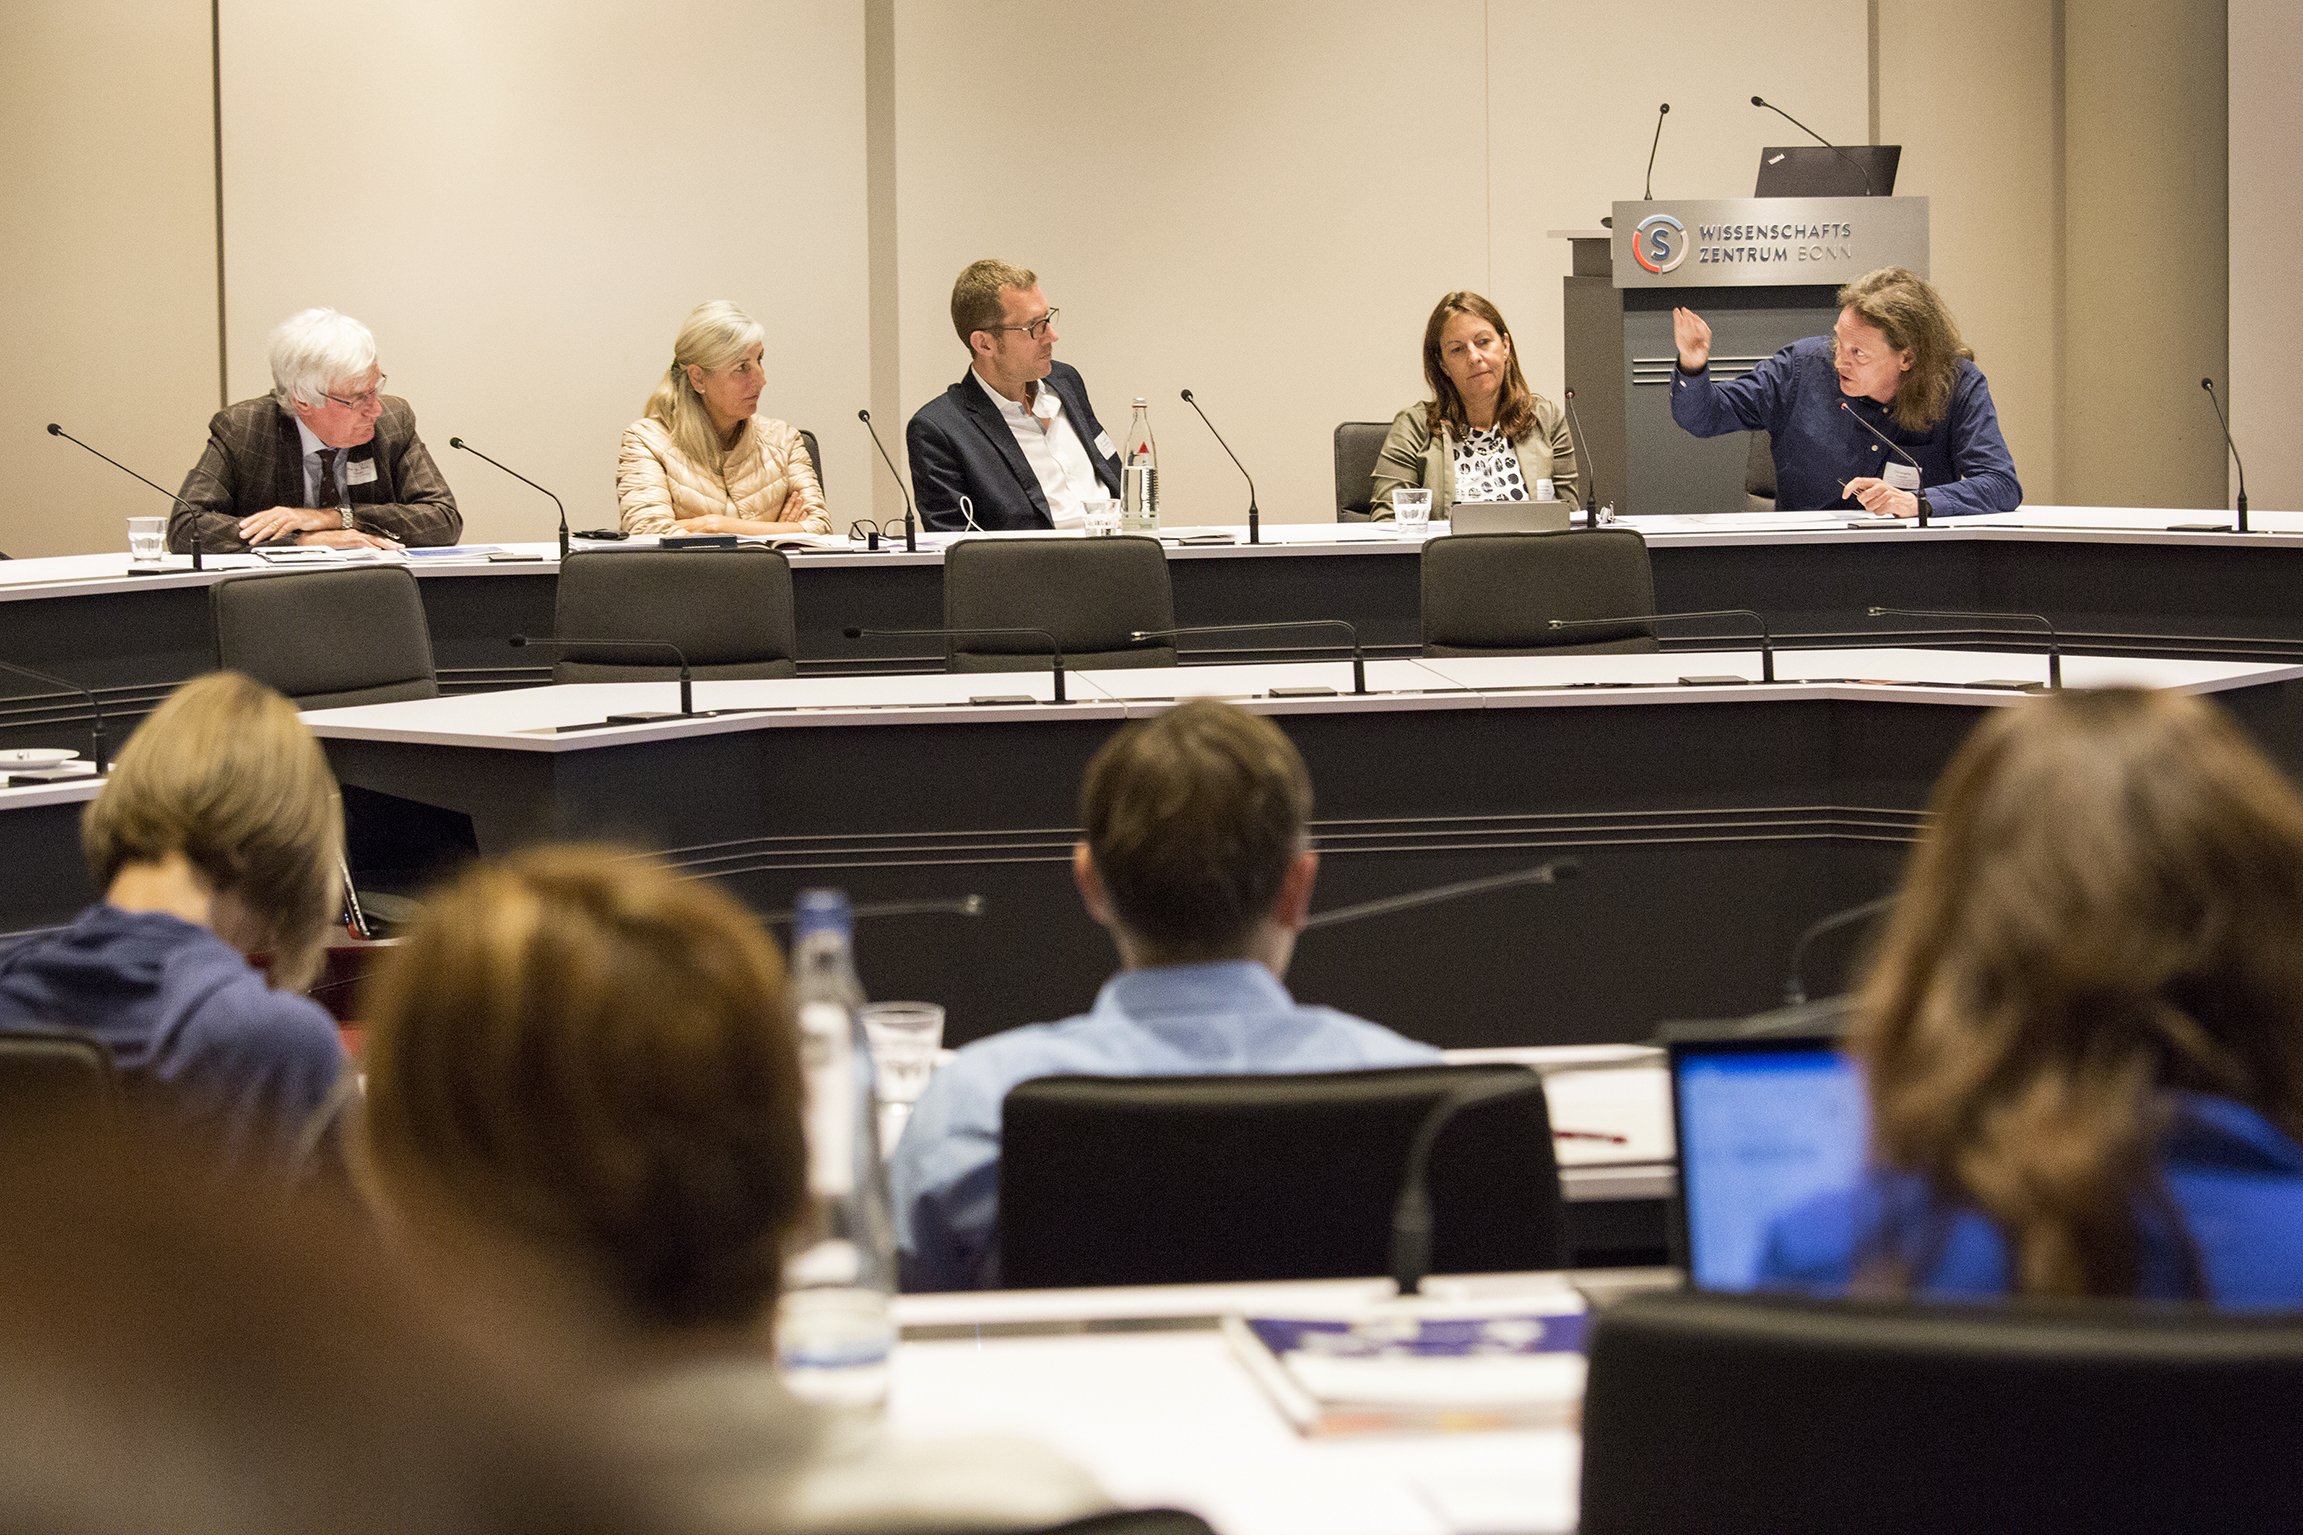 Podiumsdiskussion - Im Zweifel für die Freiheit? Gesellschaftliche Ansprüche und wissenschaftliche Praxis